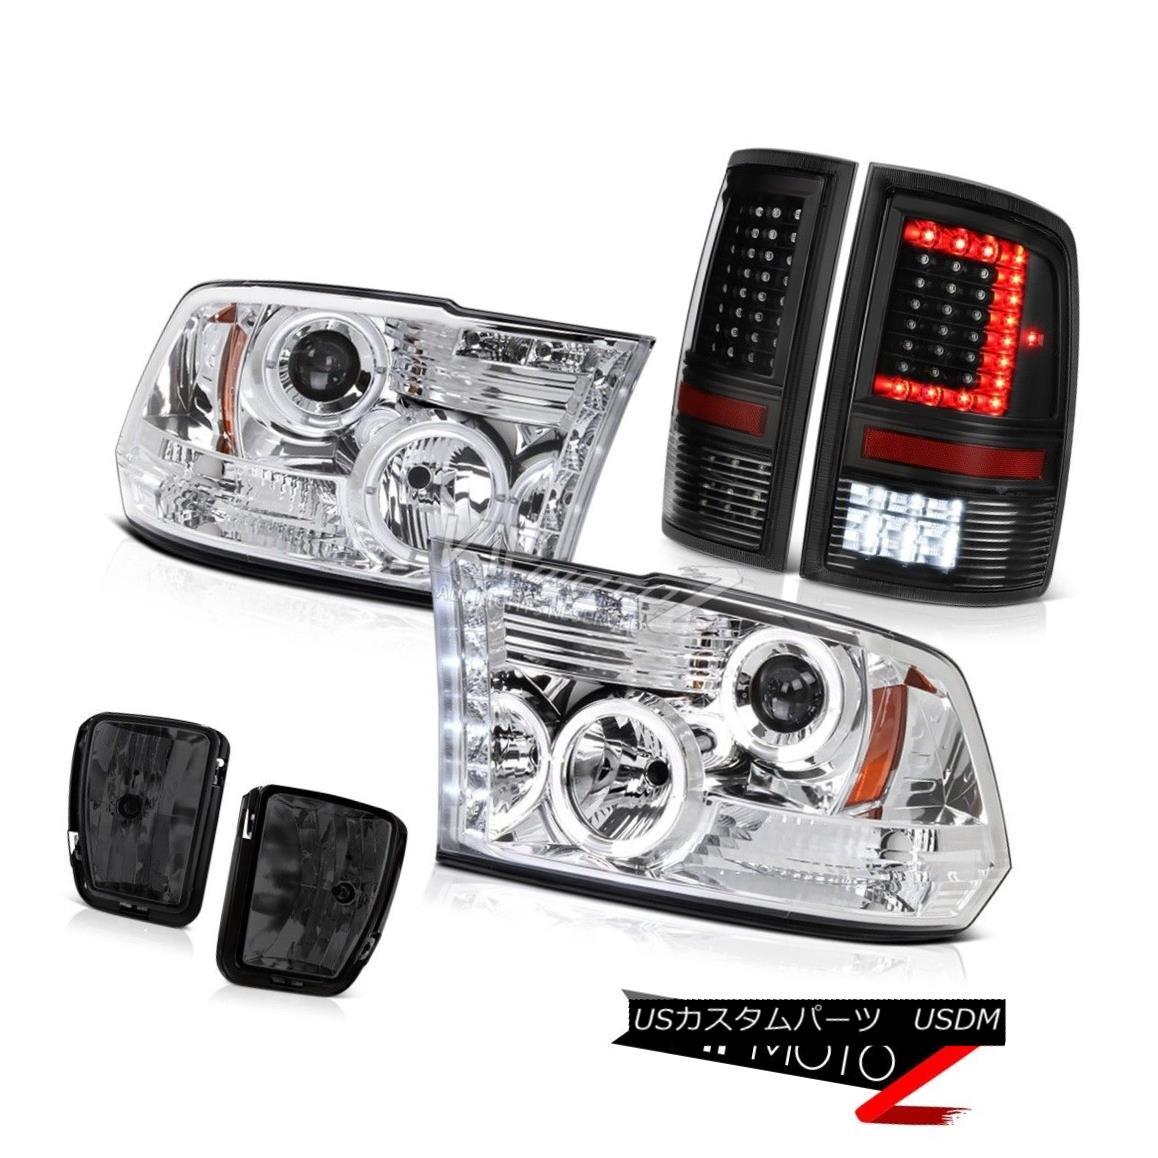 ヘッドライト 13-17 RAM 1500 Nighthawk Black Tail Light Fog Lamp Sterling Chrome Head Assembly 13-17 RAM 1500ナイトホークブラックテールライトフォグランプスターリングクロムヘッドアセンブリ画像